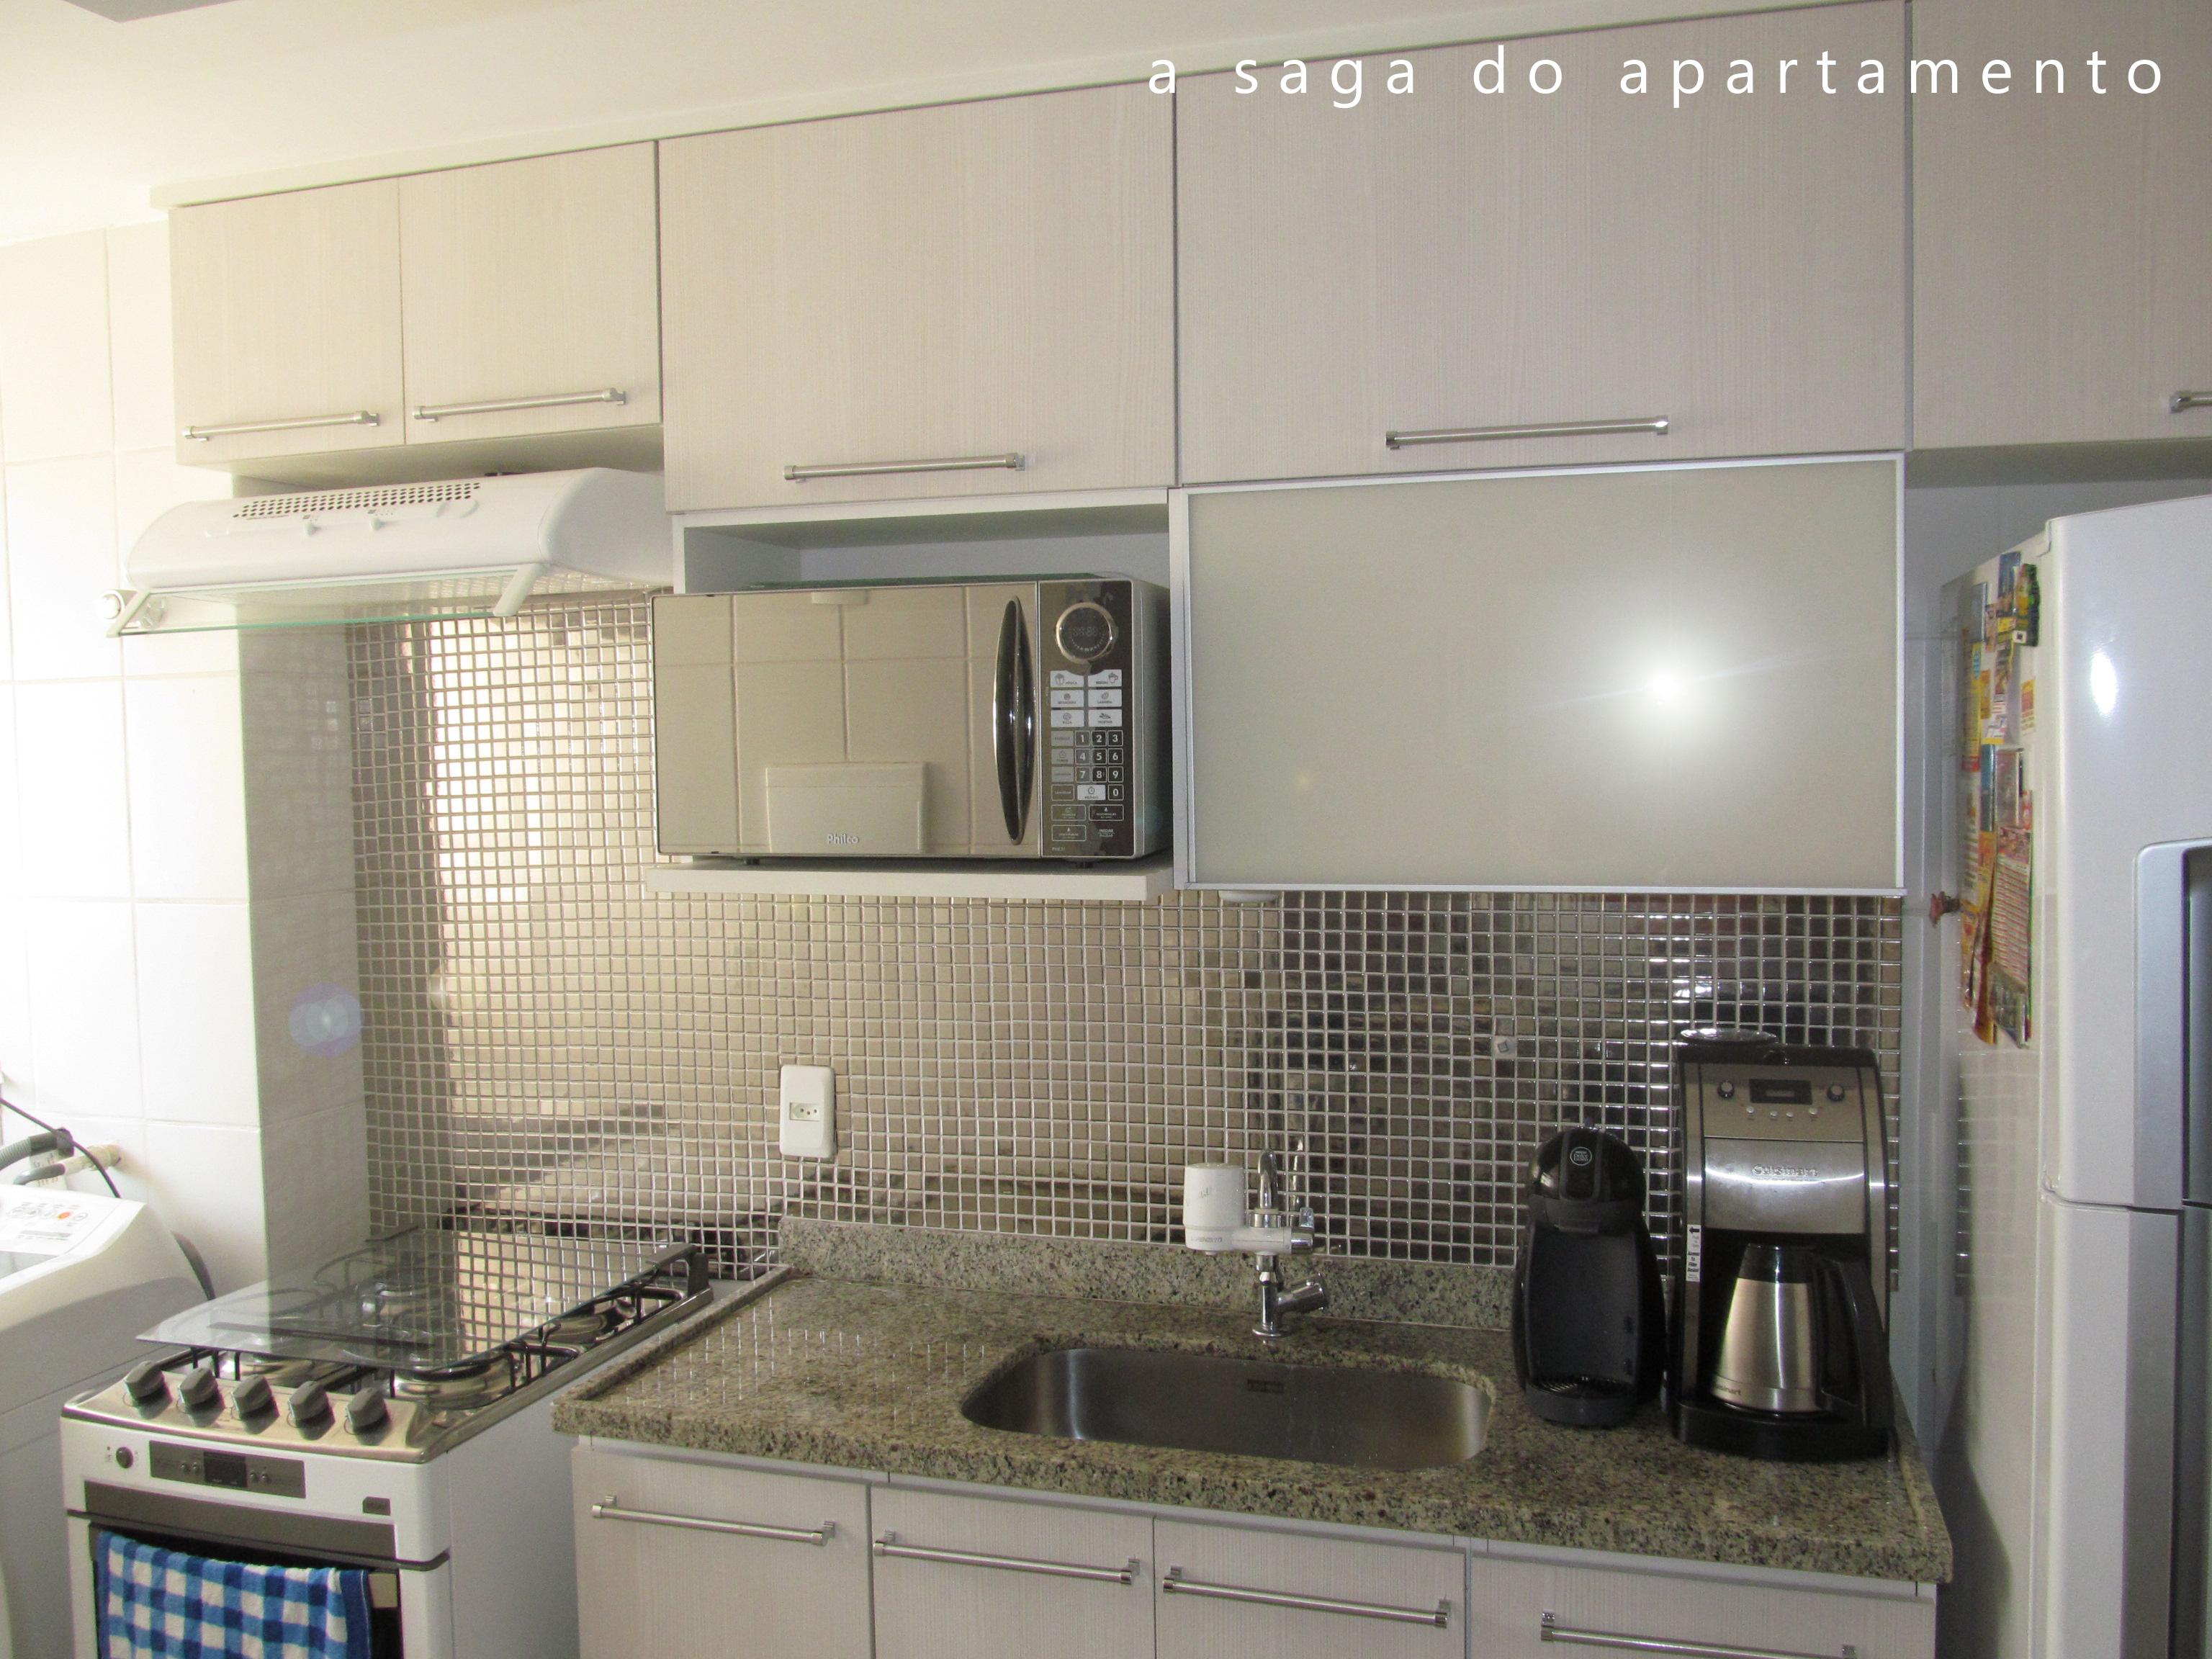 Pastilhas de Vidro parte 4: Pastilhas Inox na Cozinha a saga do  #364866 3072 2304